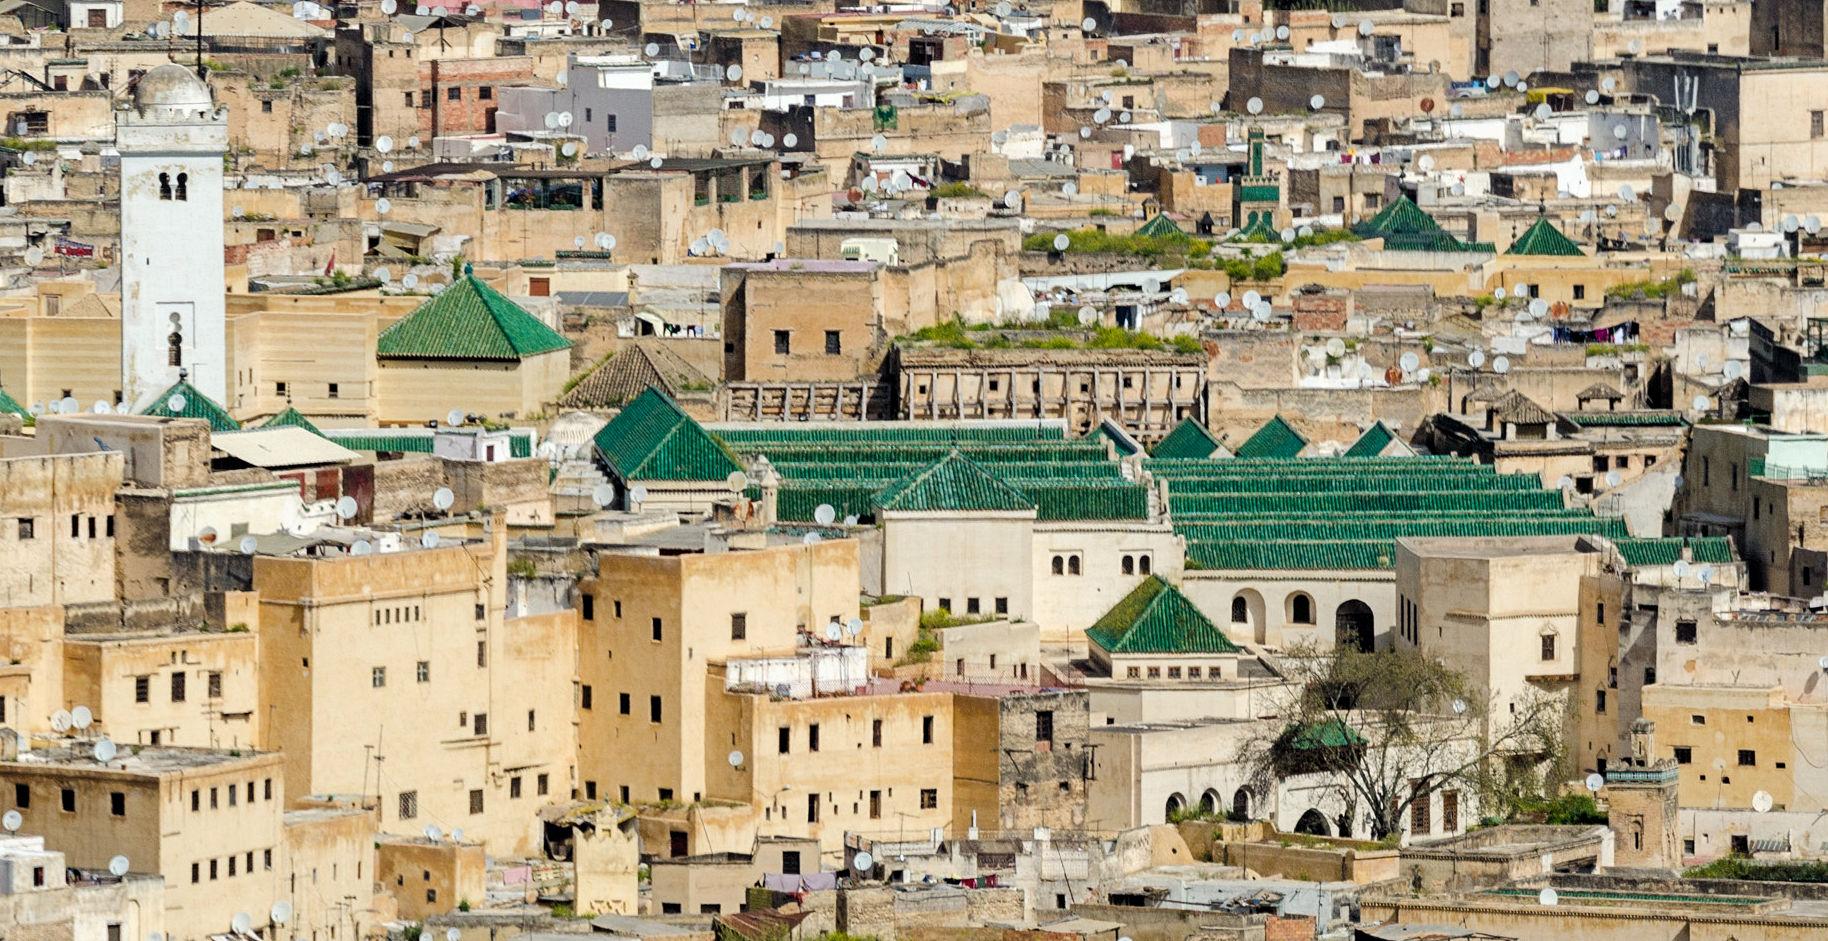 29610-Fez_(28134041211)_(qarawiyyin_crop)